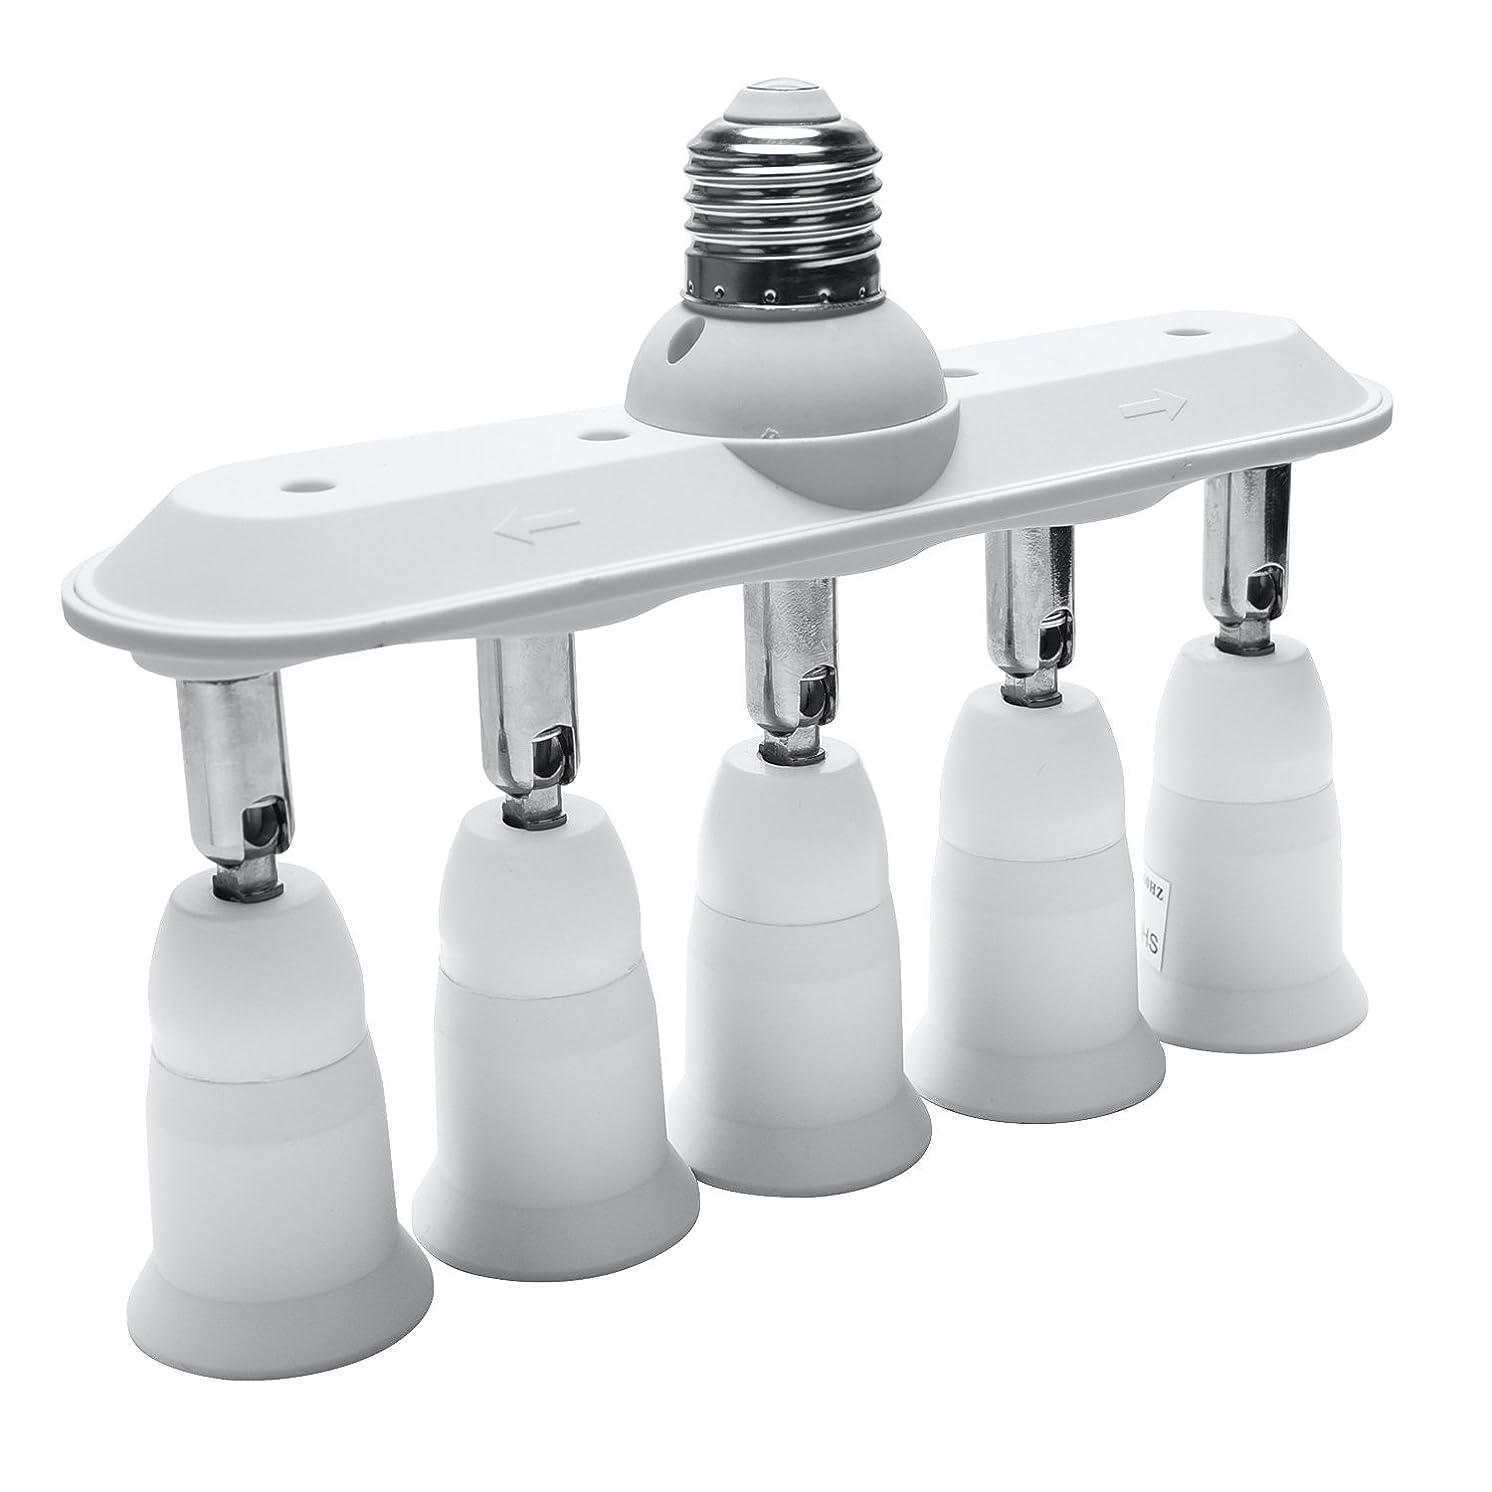 Light Socket Splitter JACKYLED 5 in 1 E26 E27 Adapter Converter Horizontal Designed 360 Degrees Adjustable 180 Degree Bendable